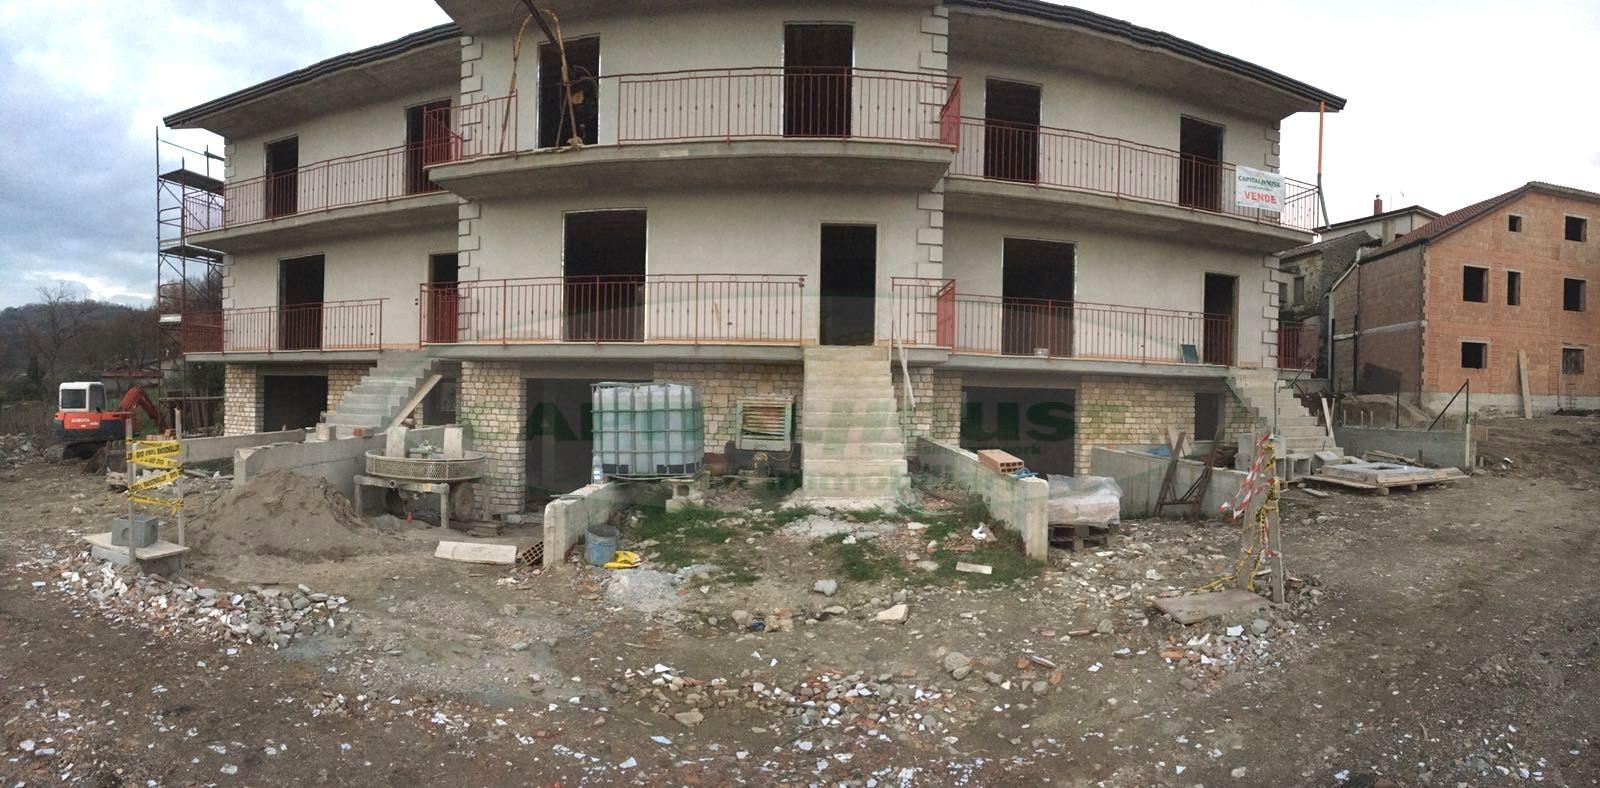 Villa a Schiera in vendita a Santo Stefano del Sole, 4 locali, prezzo € 270.000 | CambioCasa.it